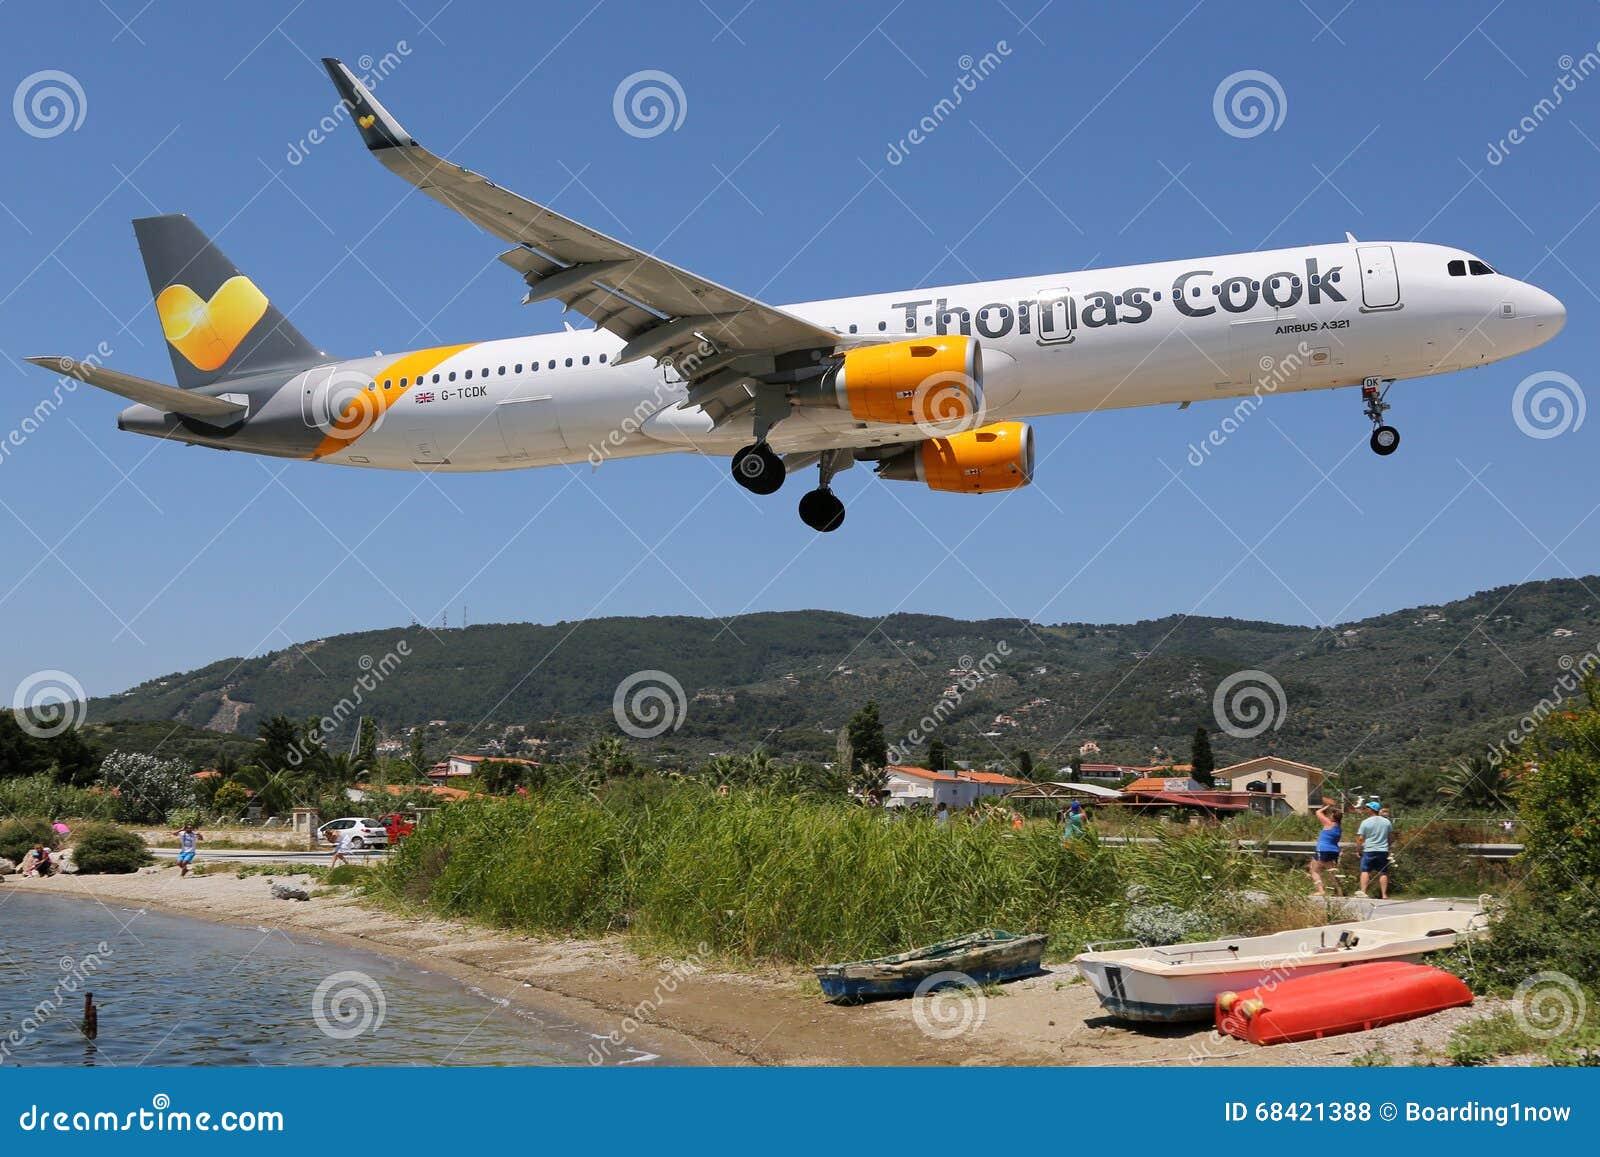 Aeroporto Skiathos : Aeroporto di skiathos dell aeroplano thomas cook